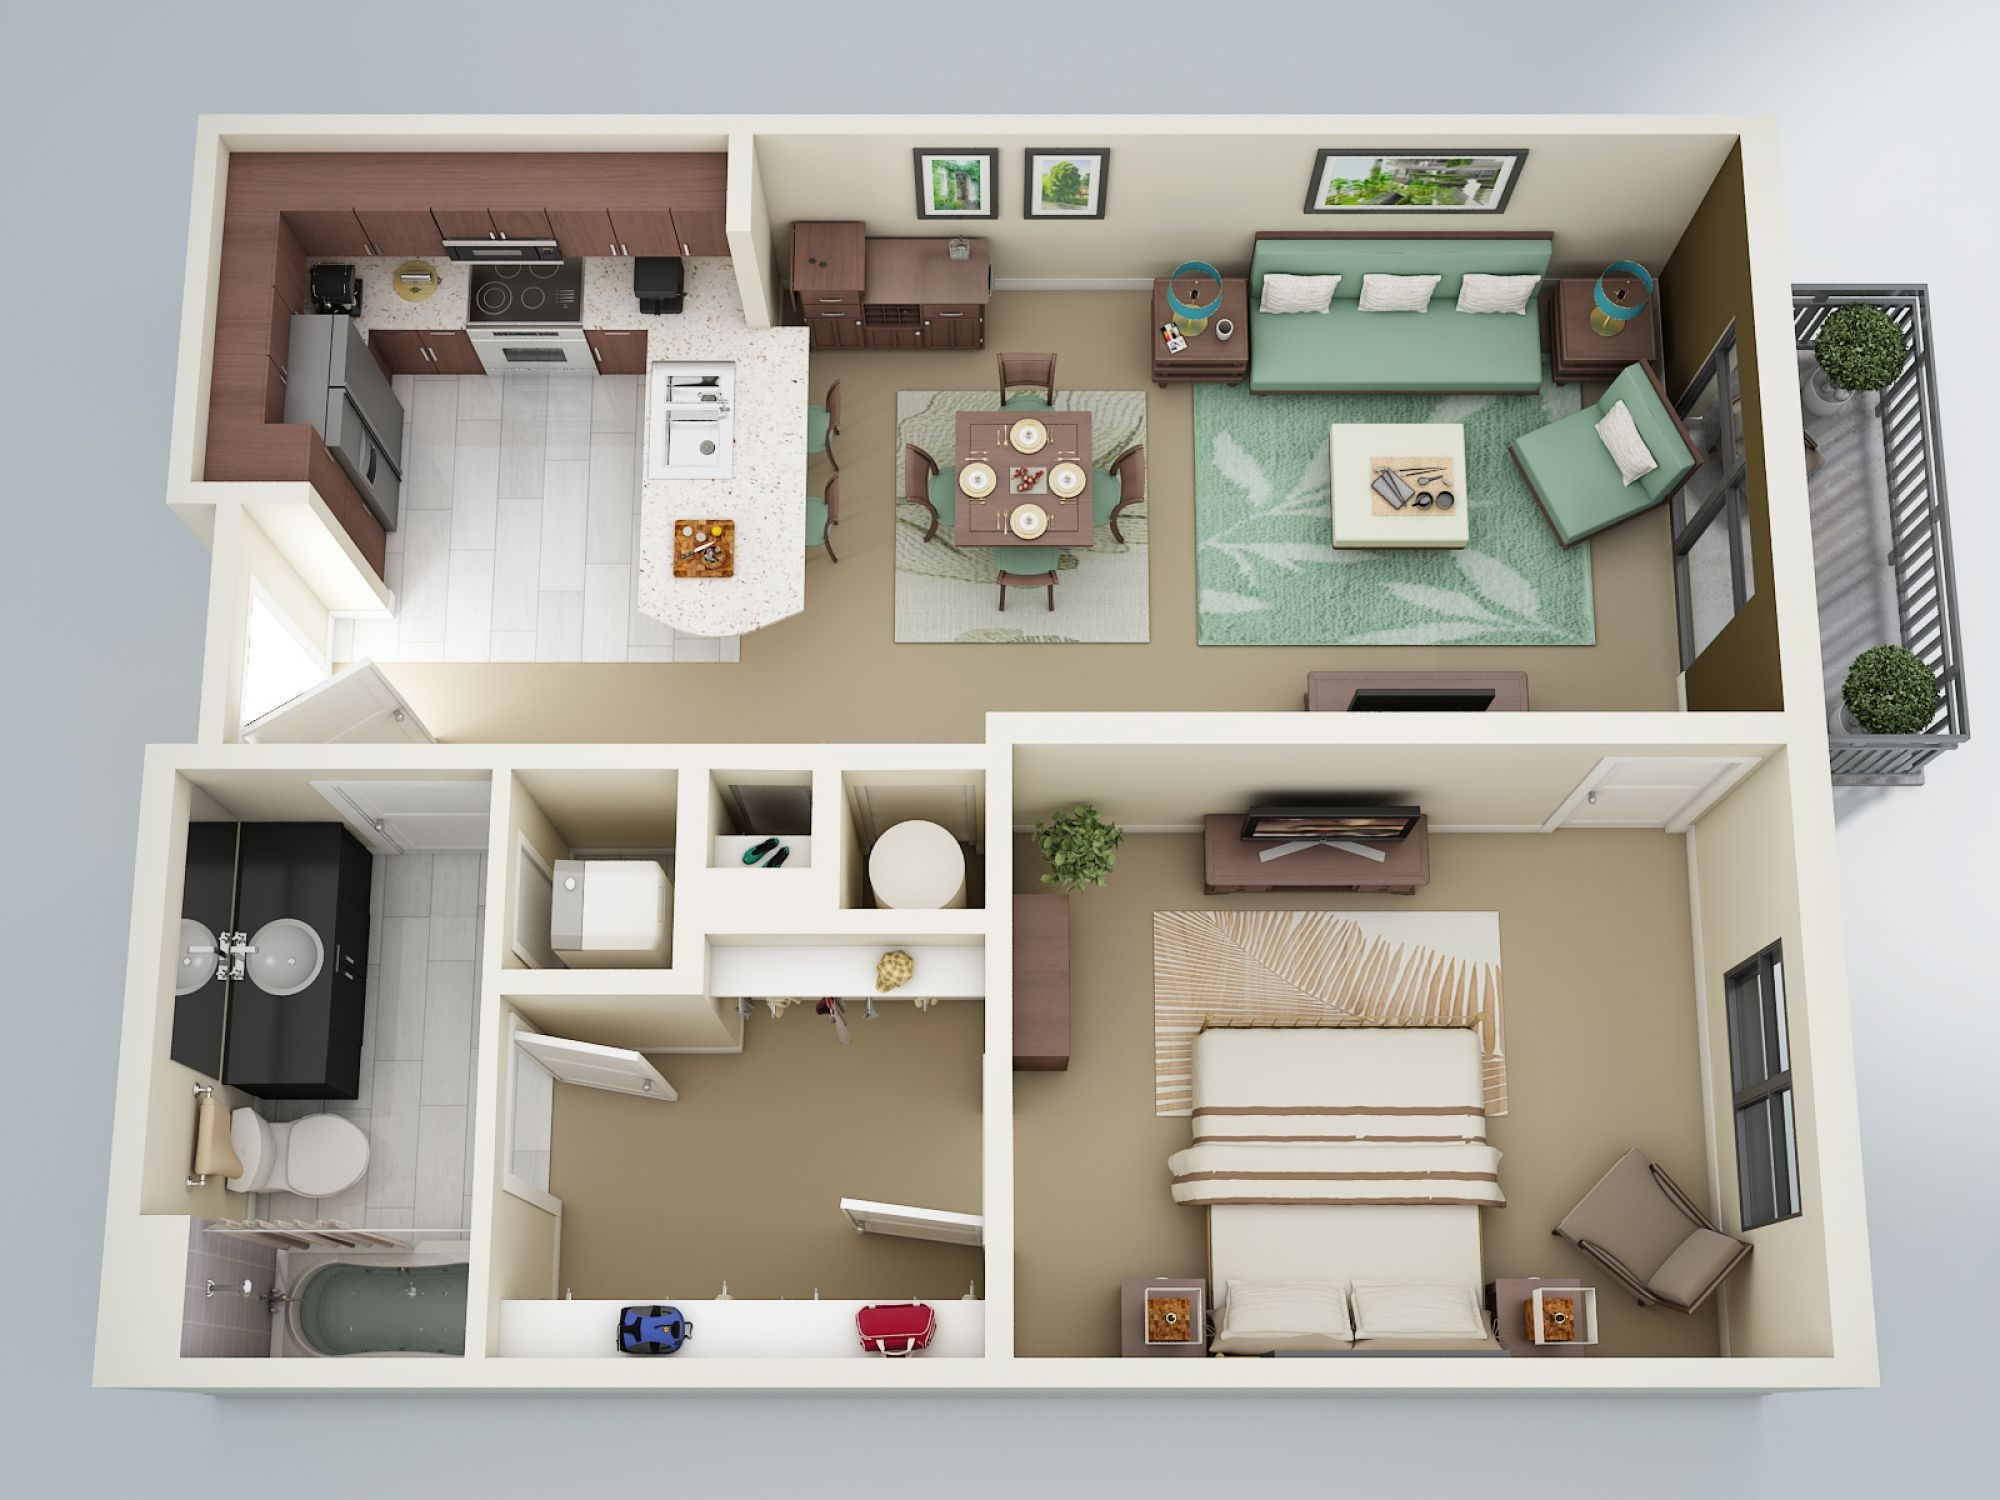 15 Referensi Pilihan Denah Rumah Minimalis